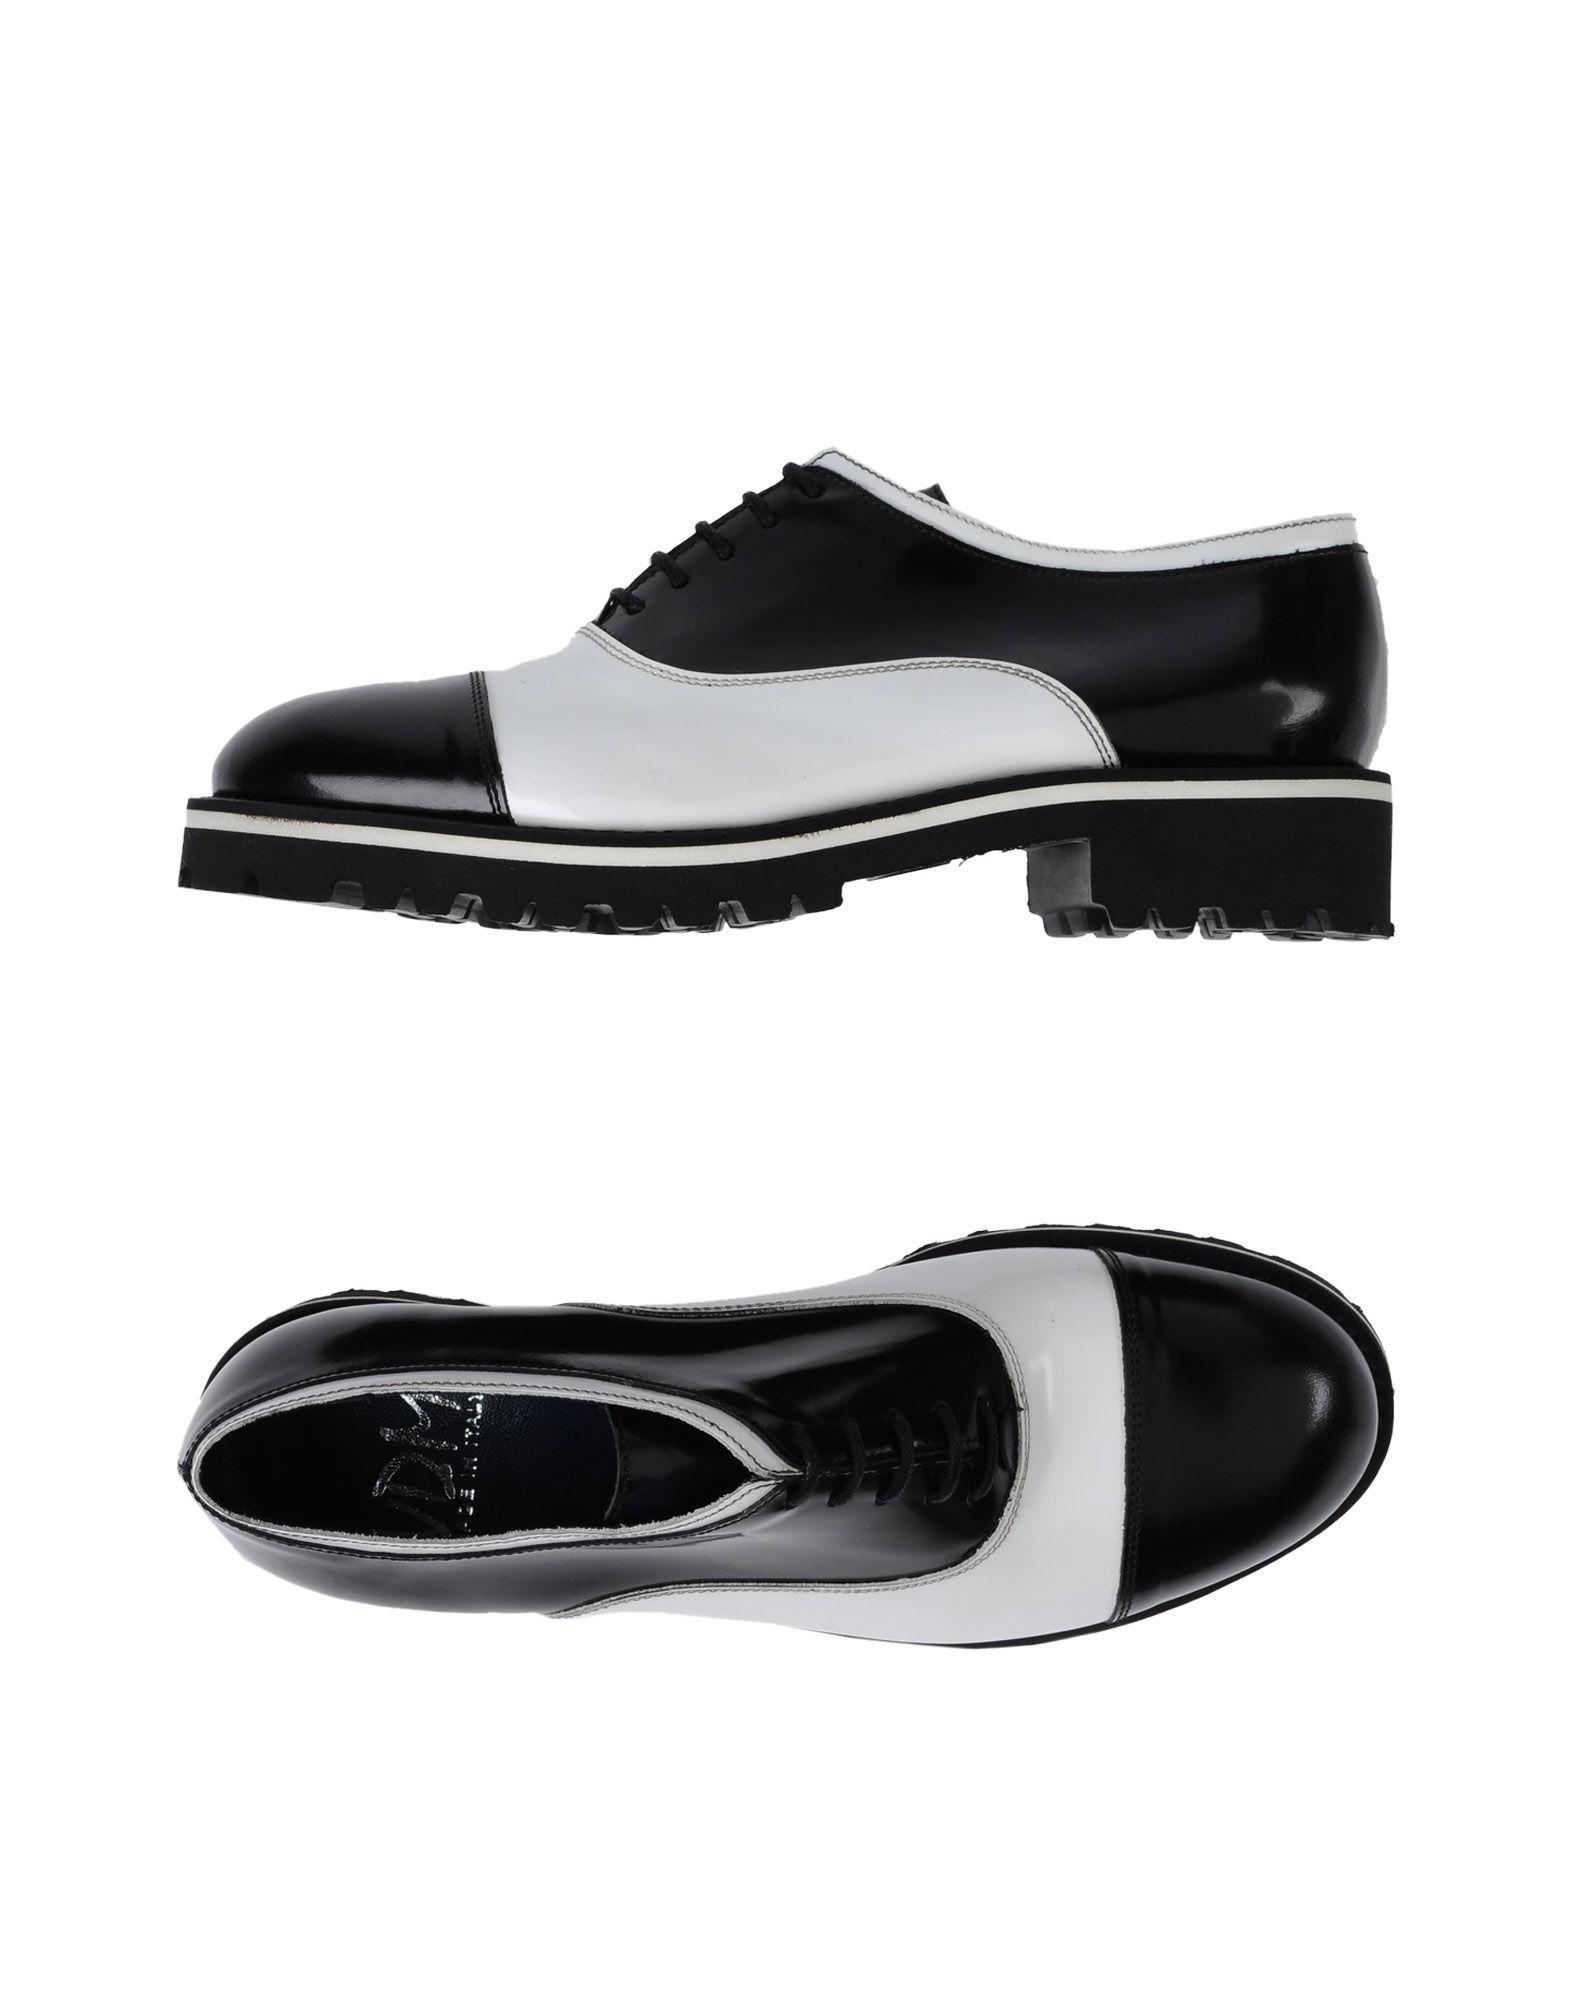 Chaussures À Lacets Vdm  Via Della Moda Femme - Chaussures À Lacets Vdm  Via Della Moda sur